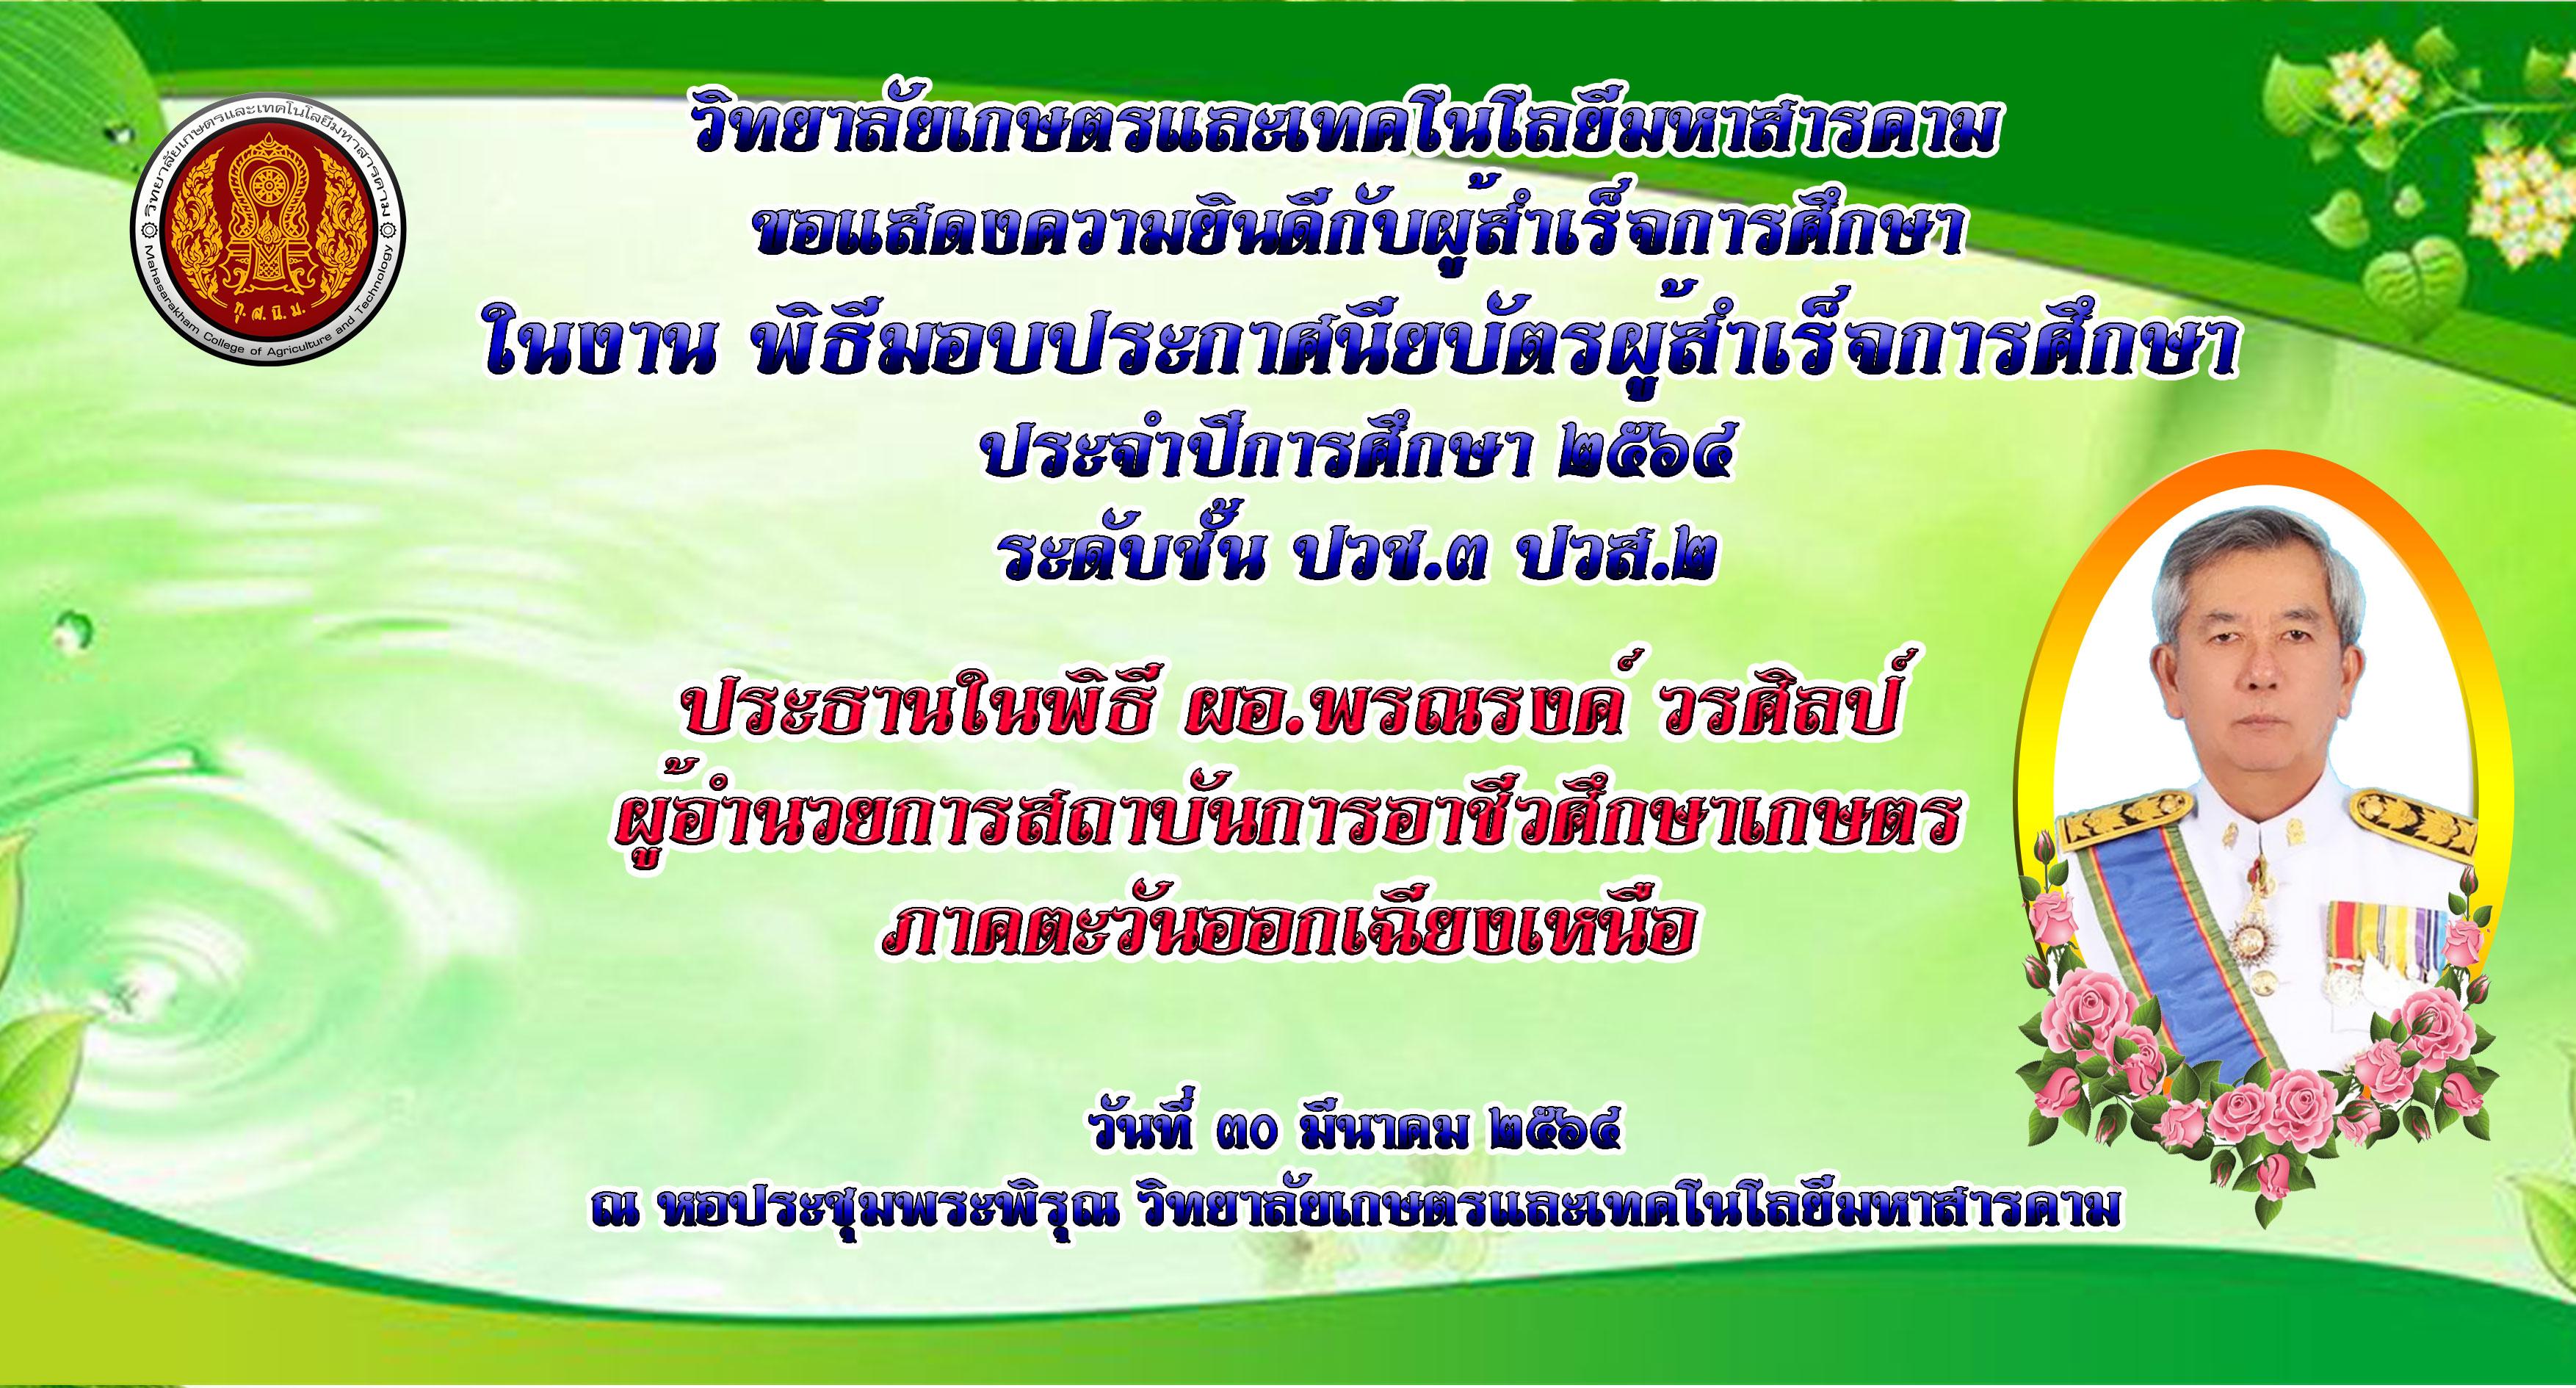 แสดงความยินดีกับผู้สำเร็จการศึกษา 2564